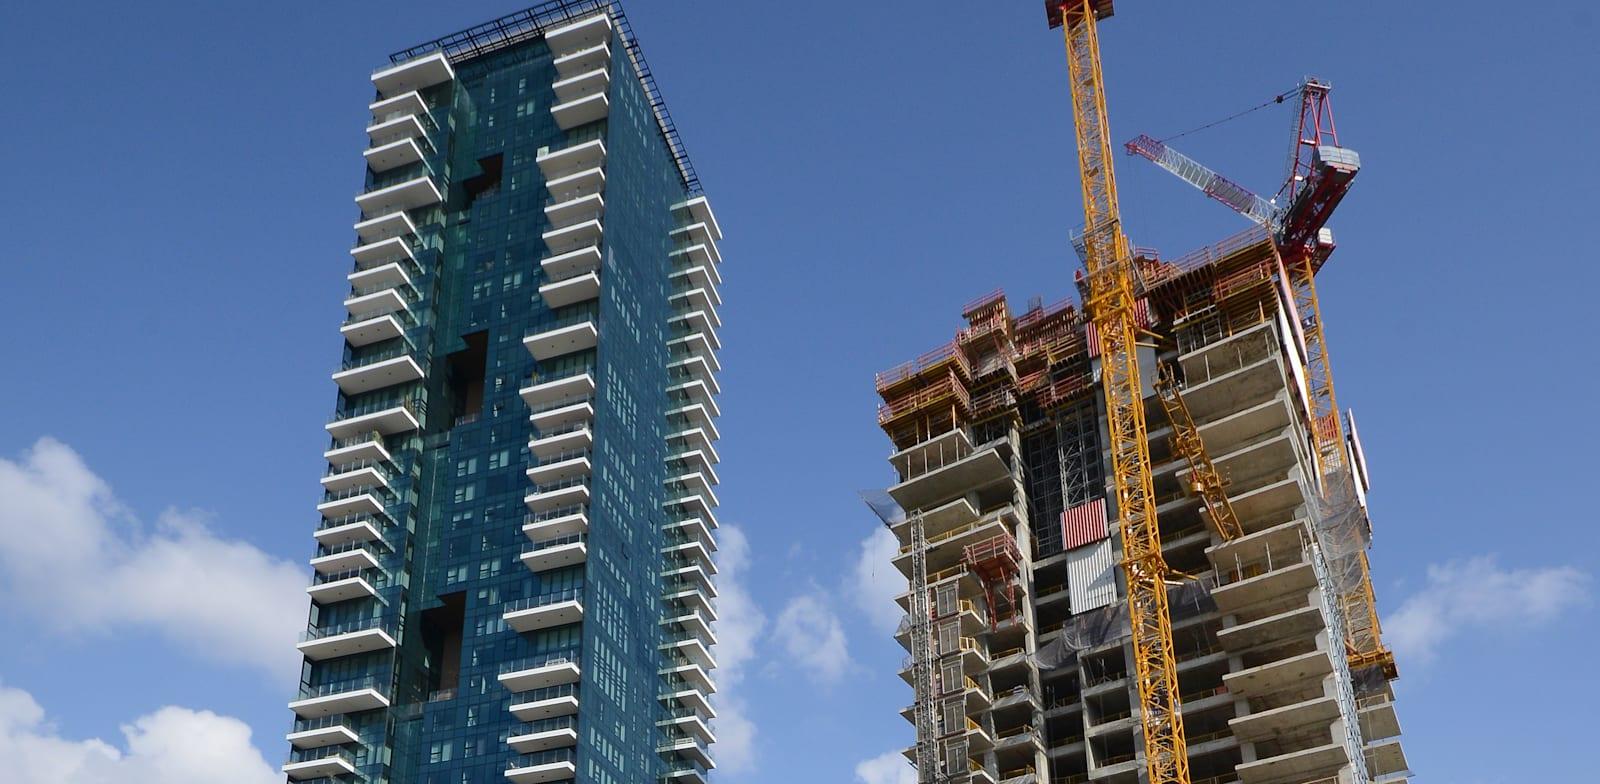 מגדל המחלוקת (משמאל) בתל אביב. התובעת דרשה פיצוי של כ־2 מיליון שקל / צילום: איל יצהר